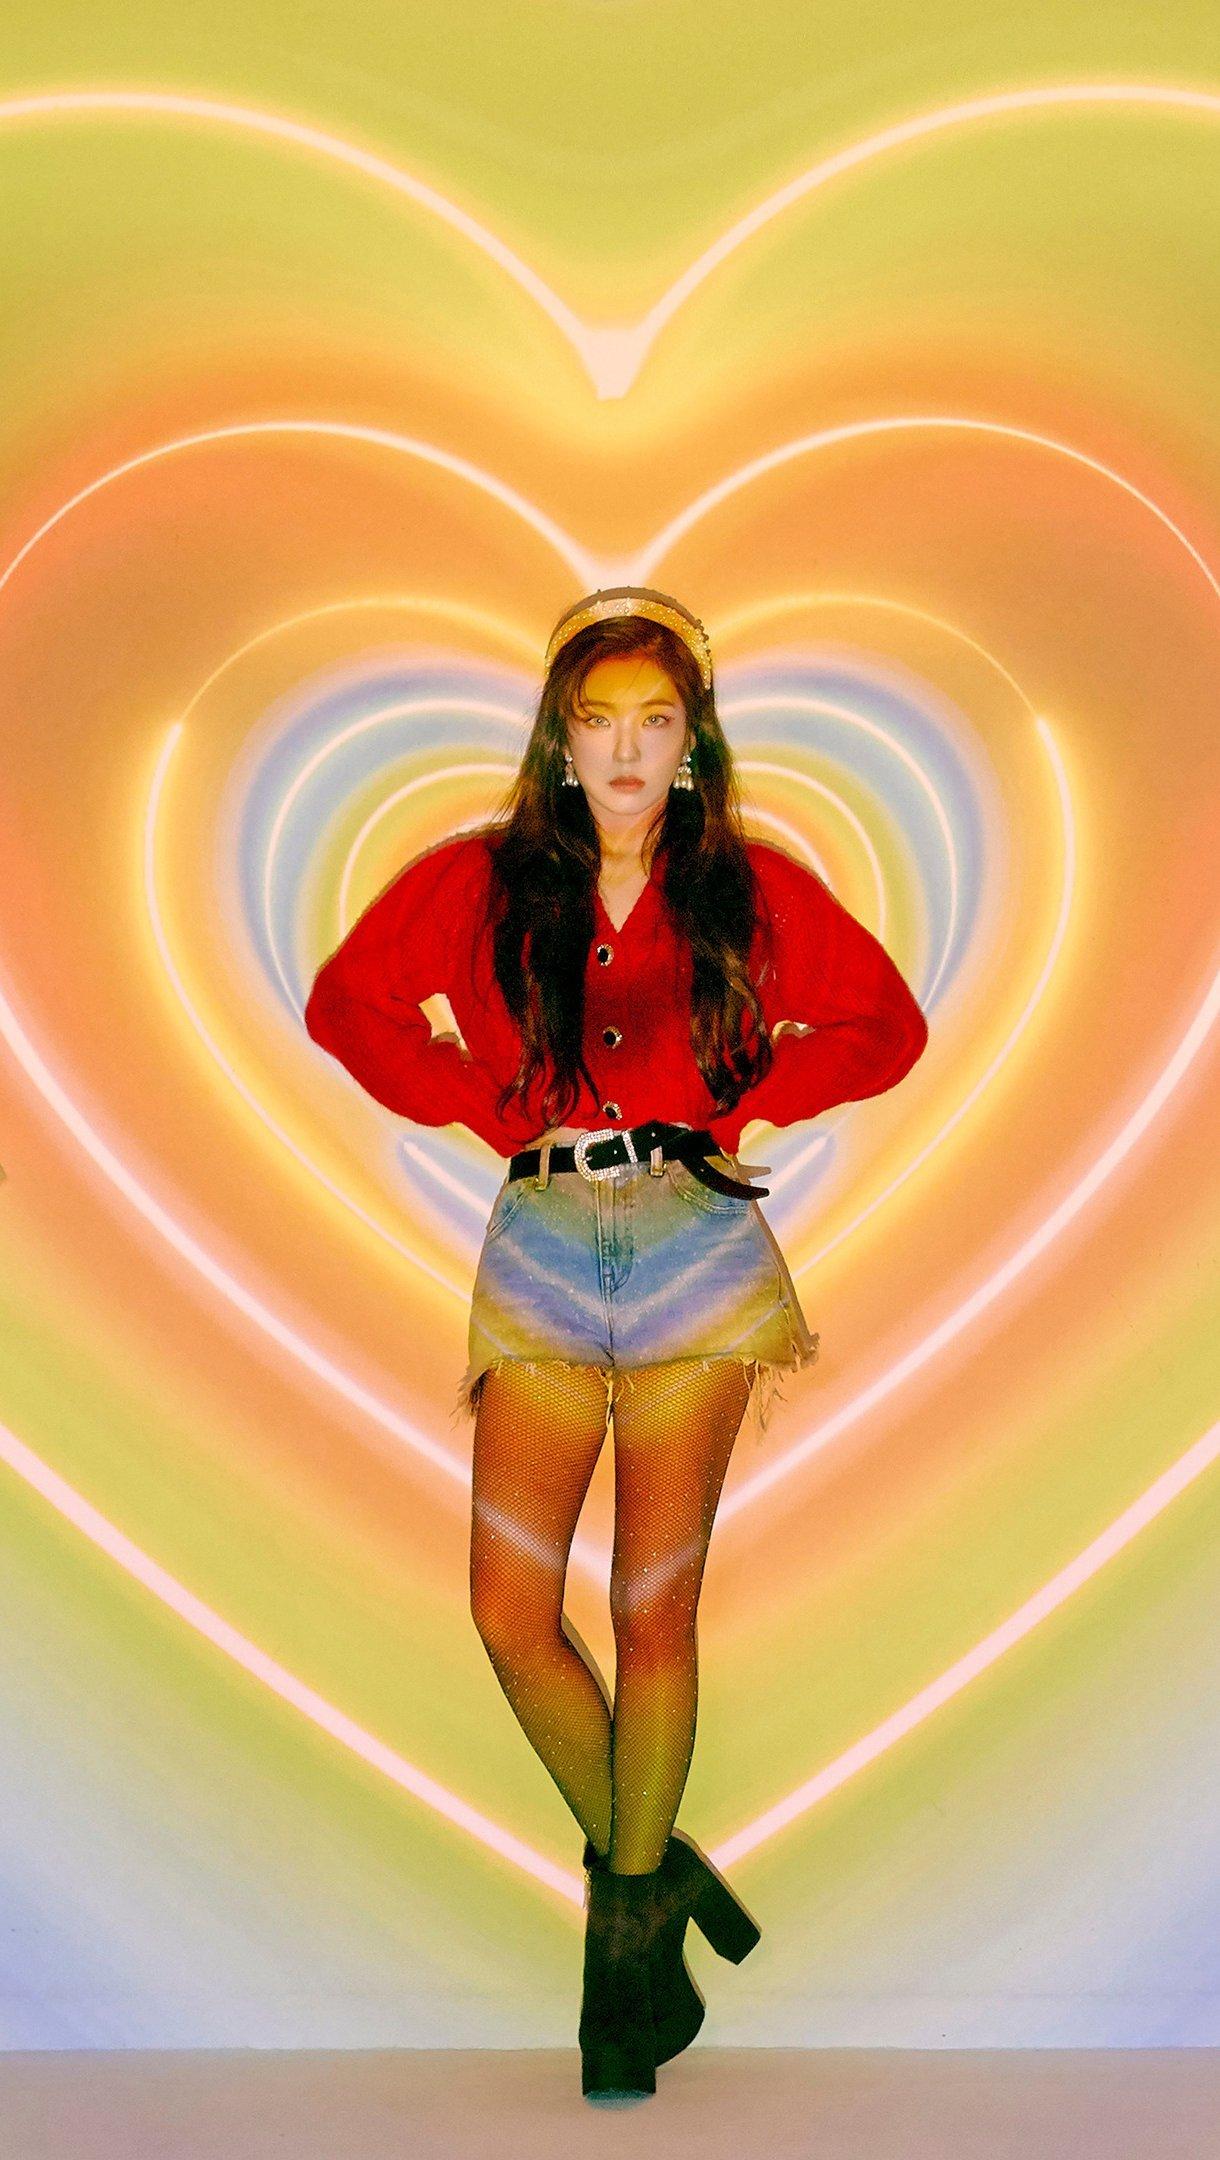 Fondos de pantalla Integrantes de Red Velvet Vertical